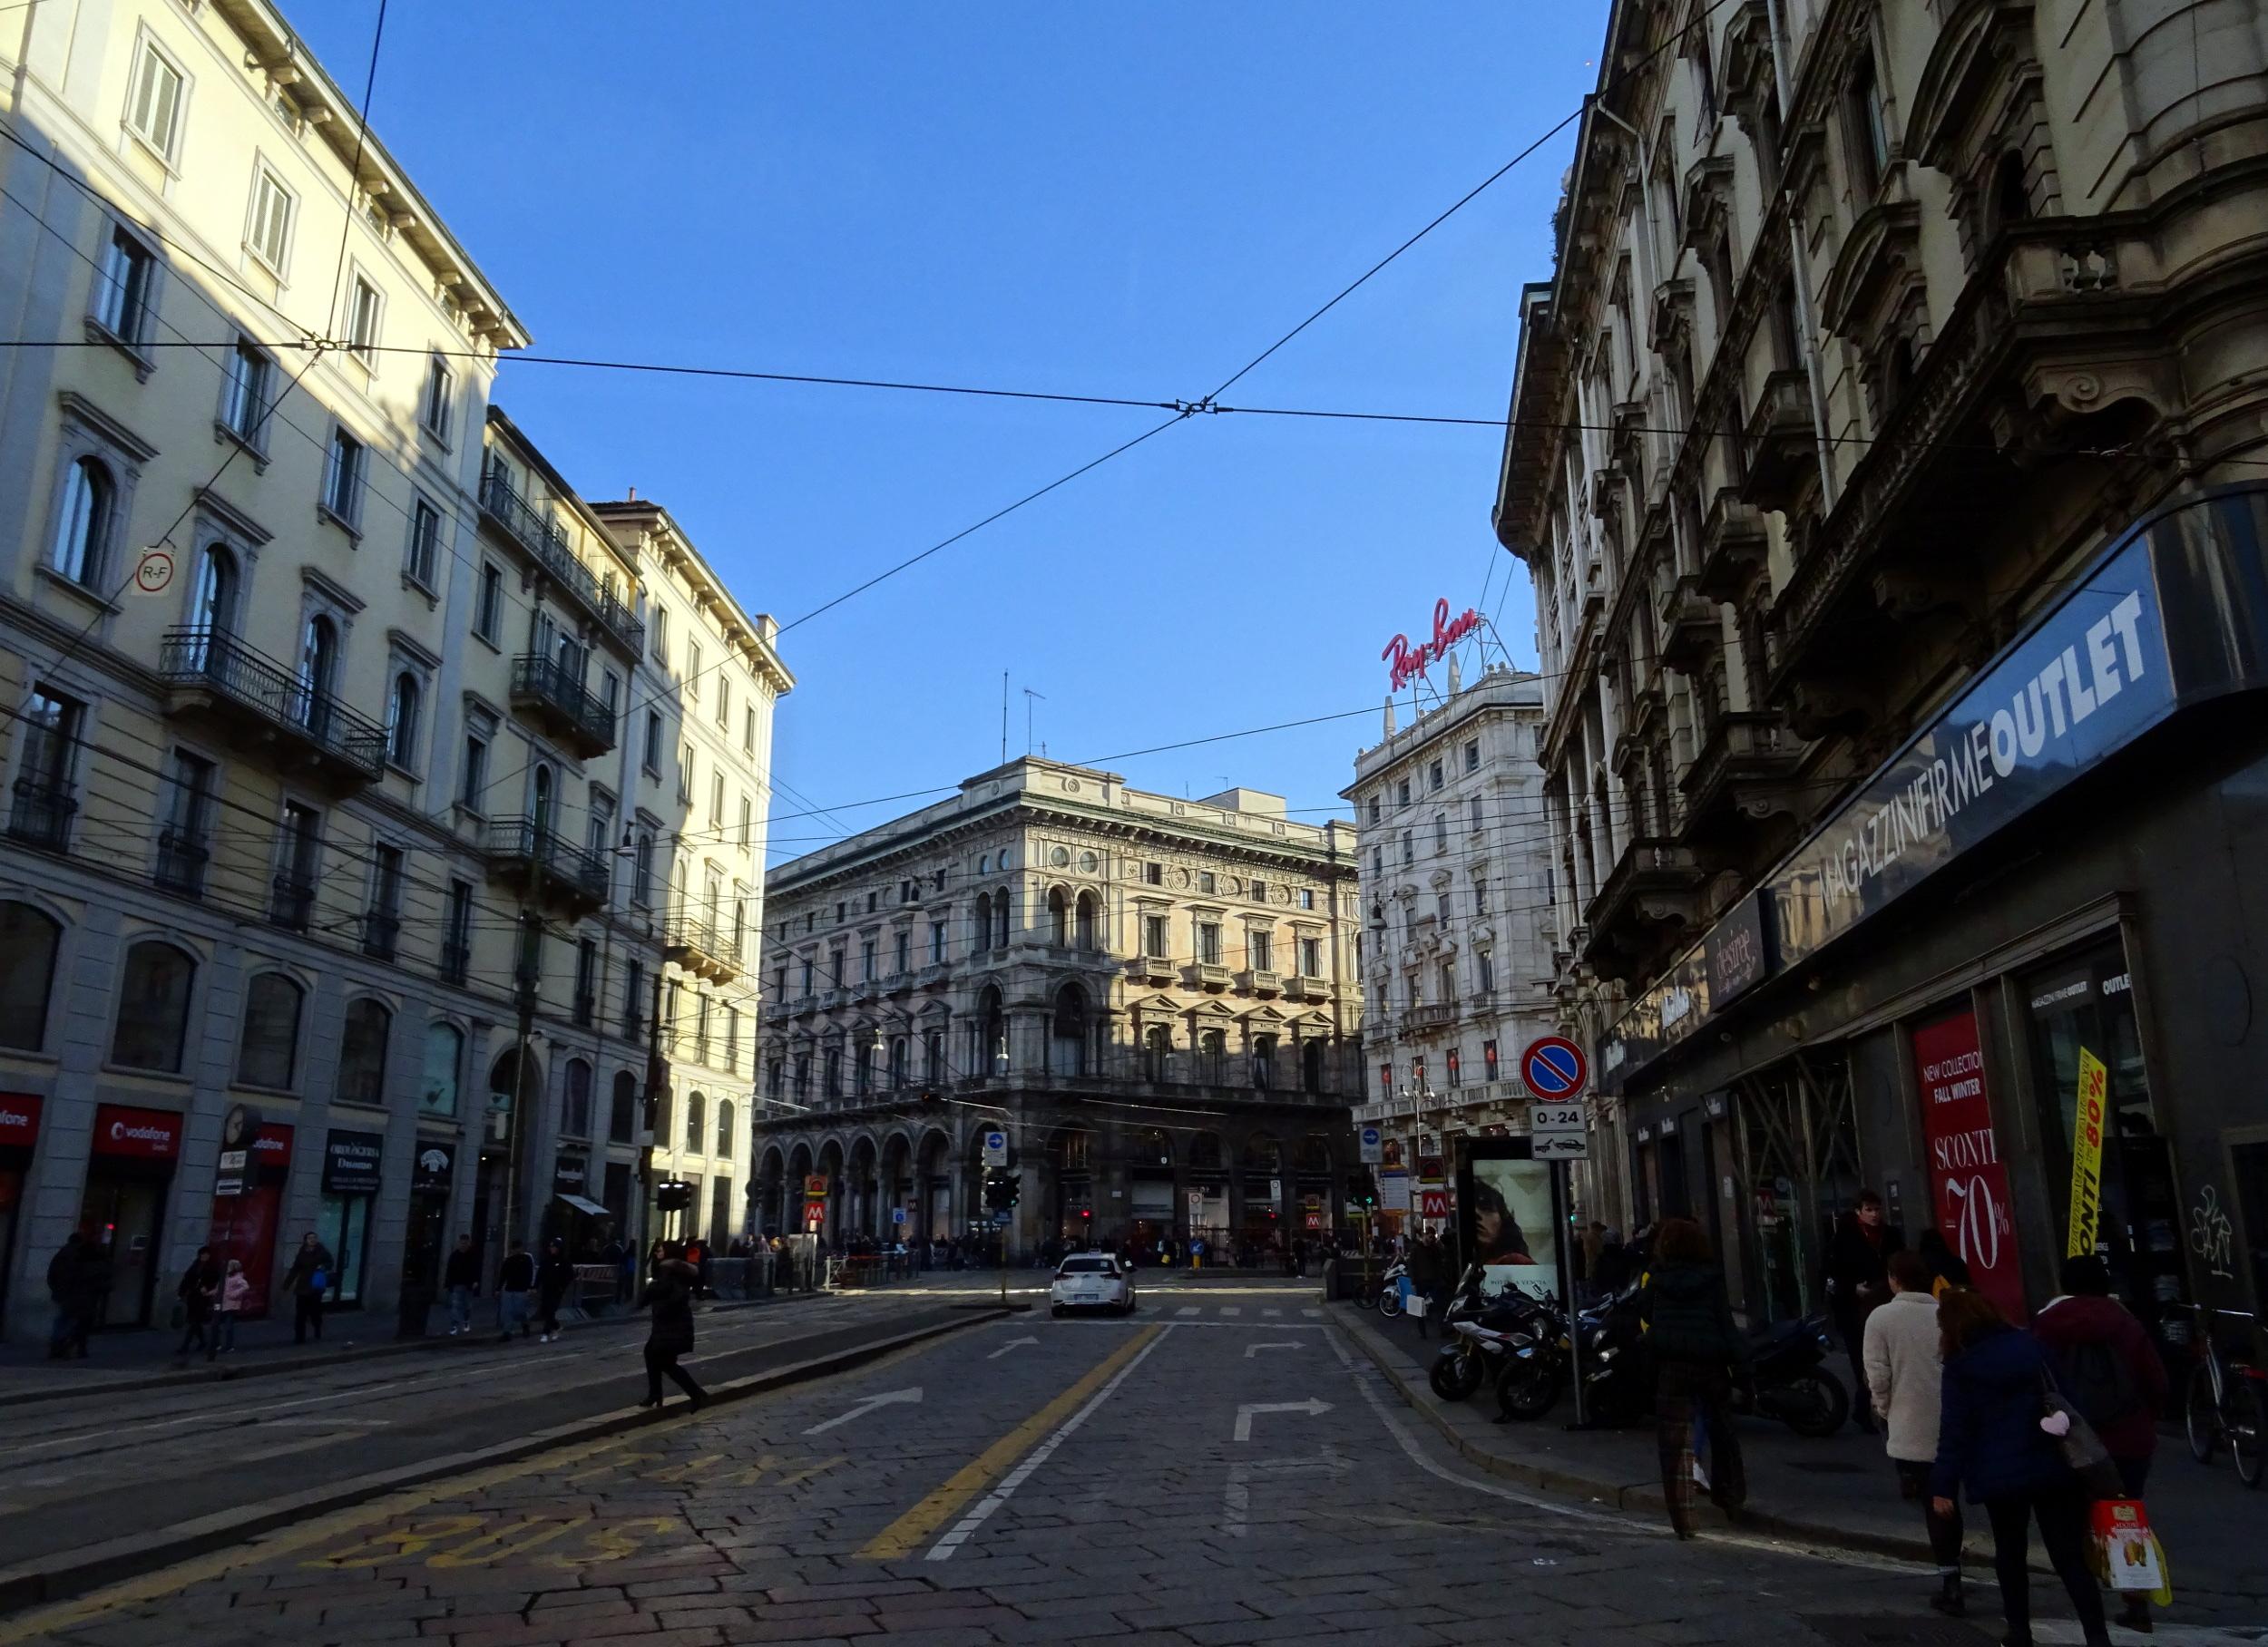 Eine Straße in der Innenstadt von Mailand